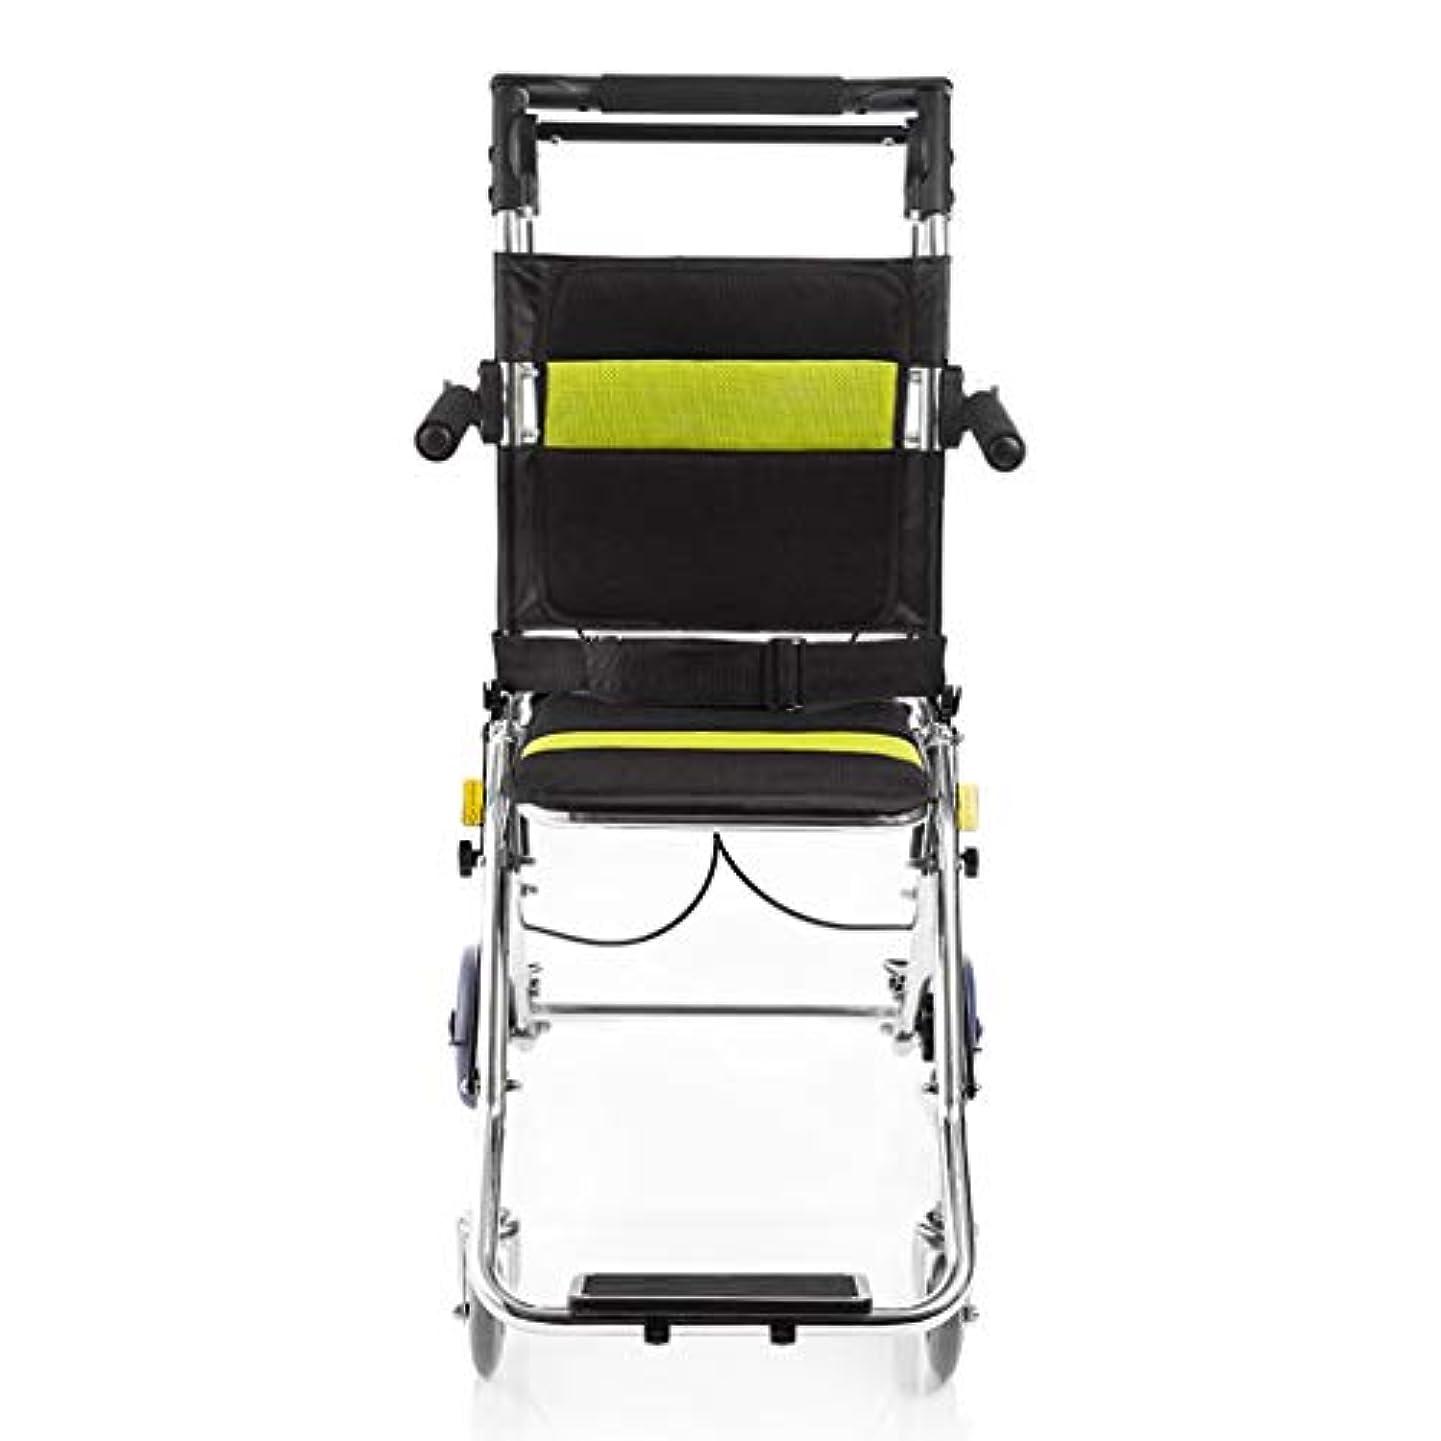 格納移植曖昧な折りたたみ車椅子、75 Kgの高齢者用屋外車椅子ベビーカーを運ぶことができます